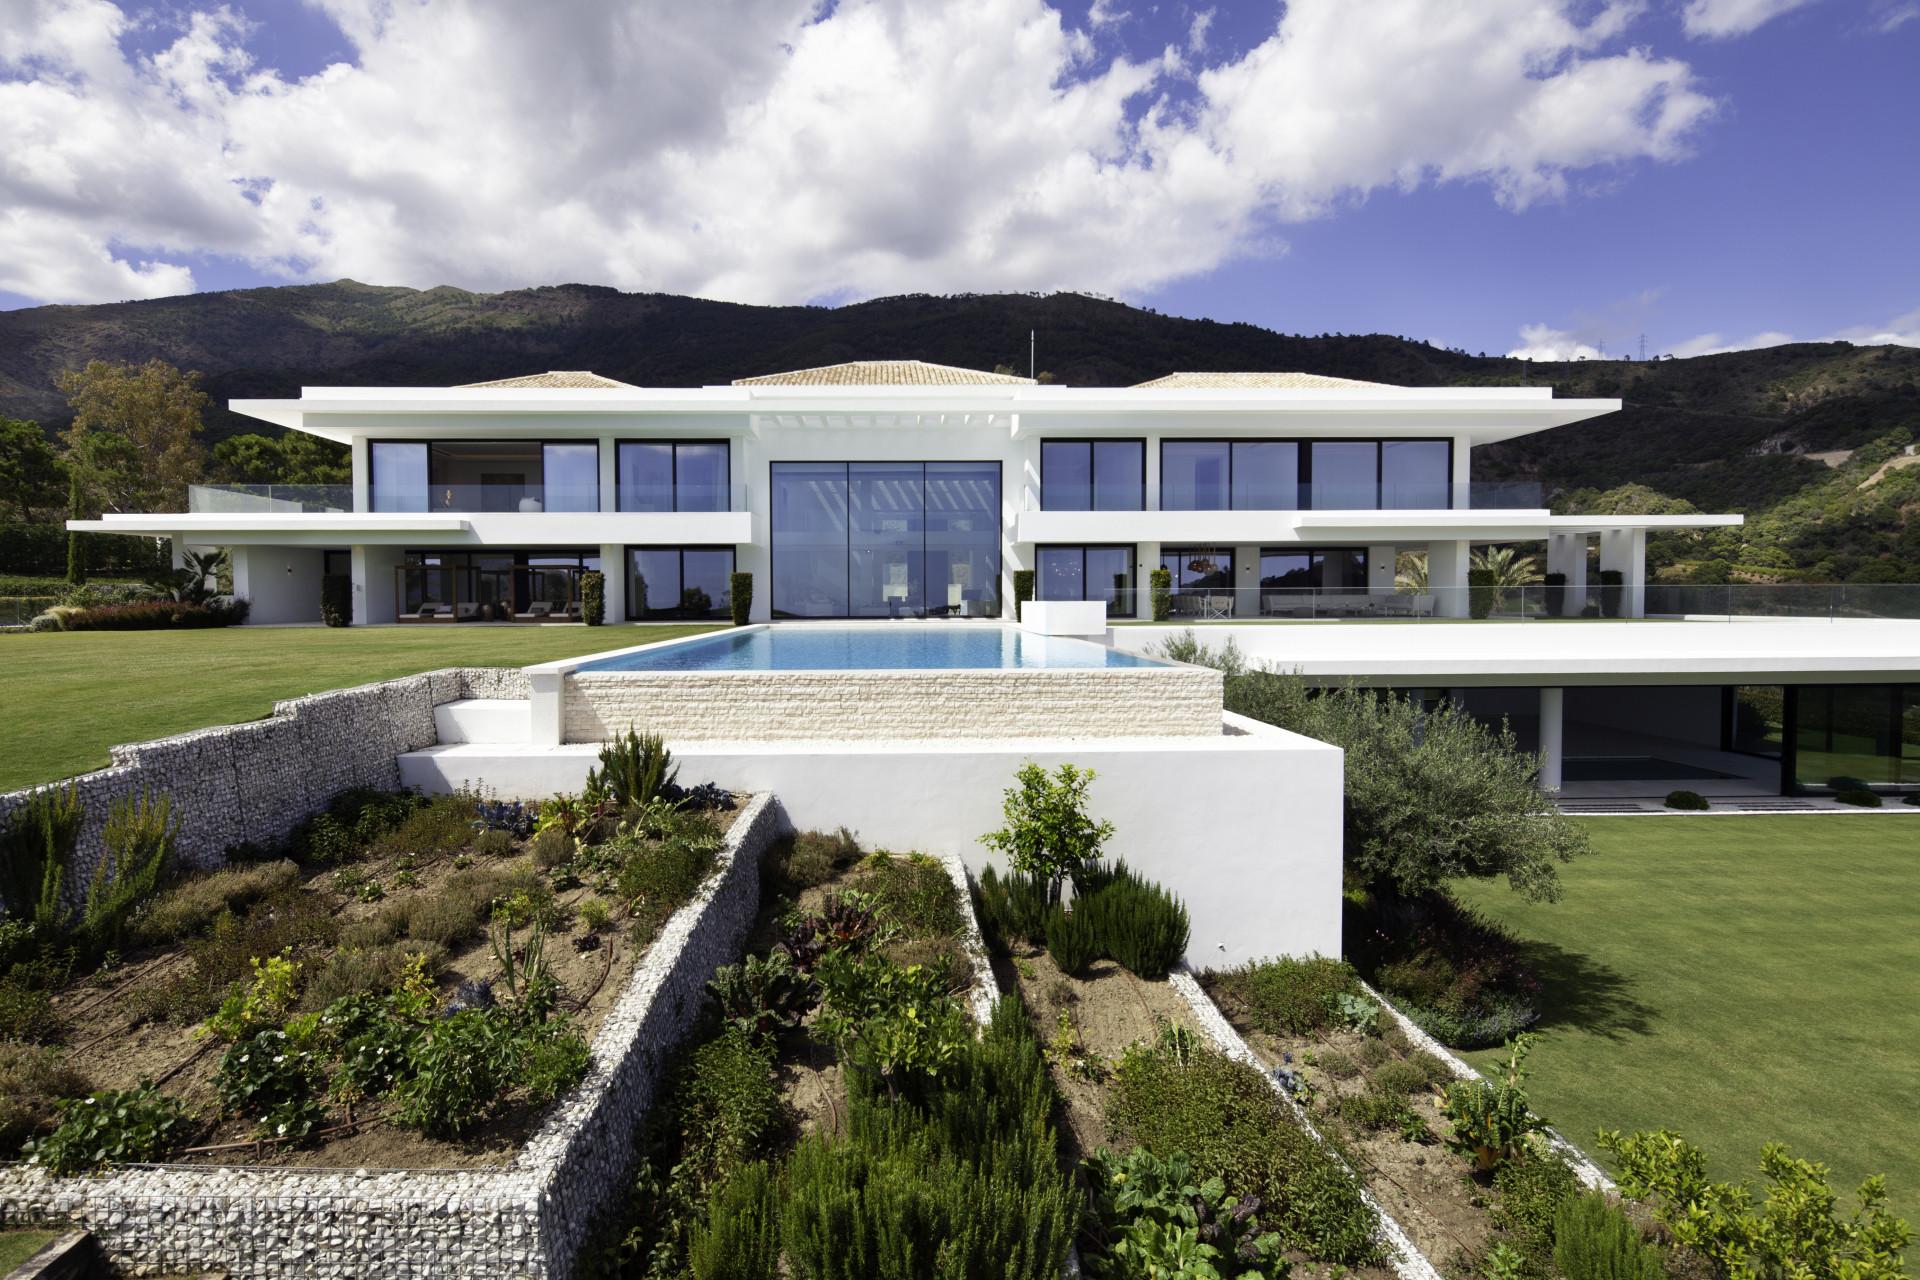 Villa Ibiza Breeze La Zagaleta A Luxury Single Family Home For Sale In Marbella Malaga Property Id 1133 Christie S International Real Estate